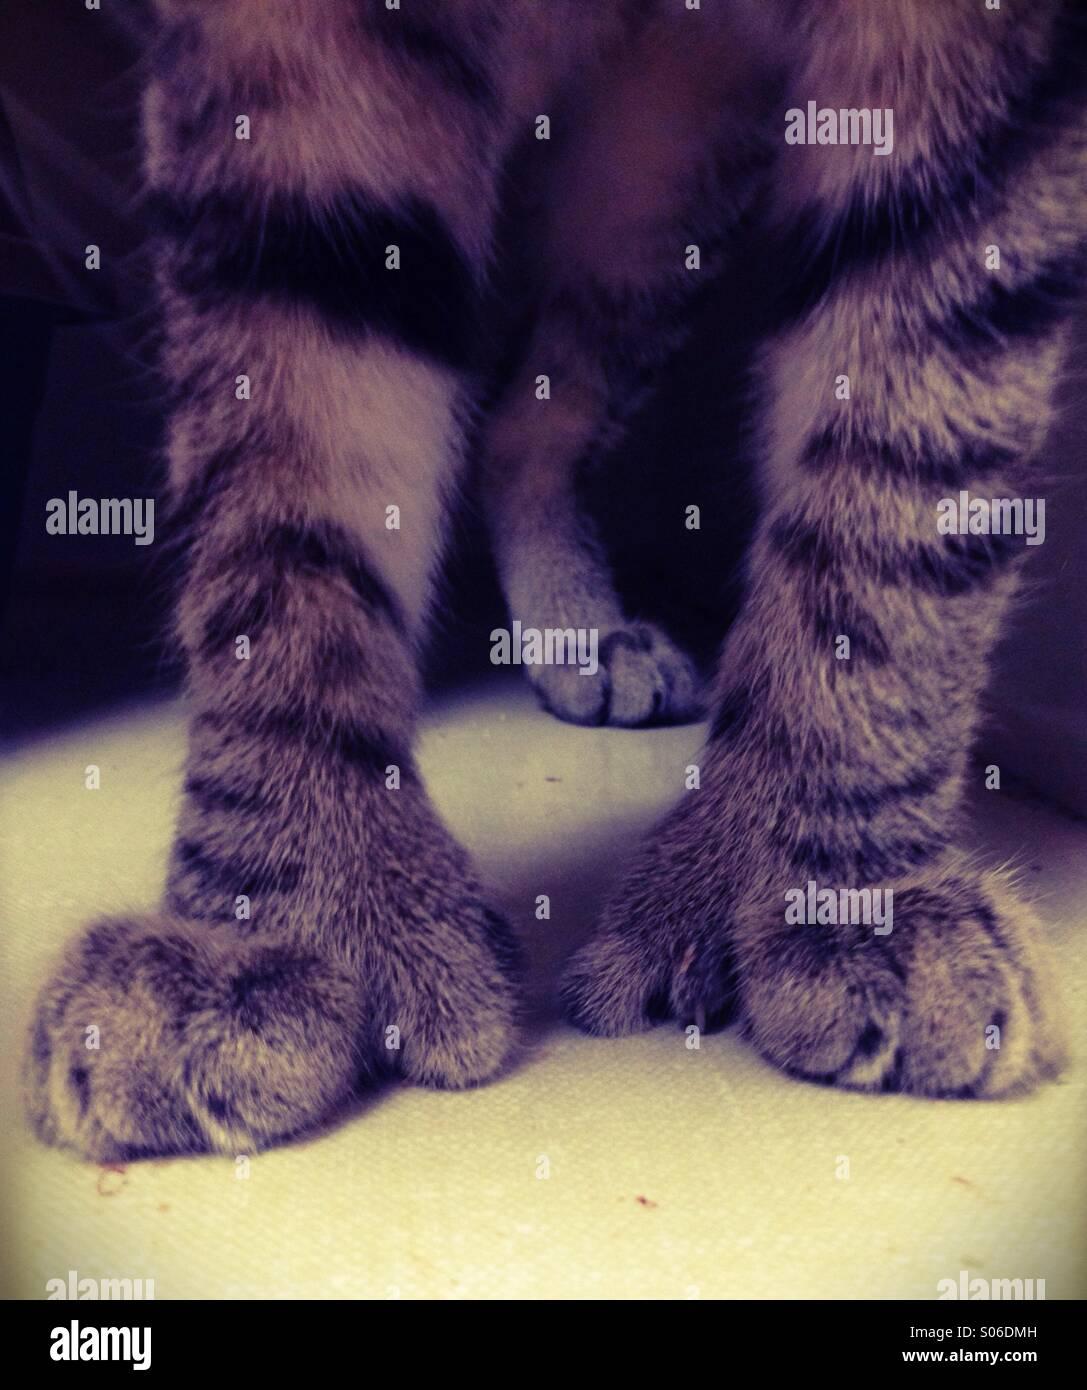 Giant kitten paws - Stock Image